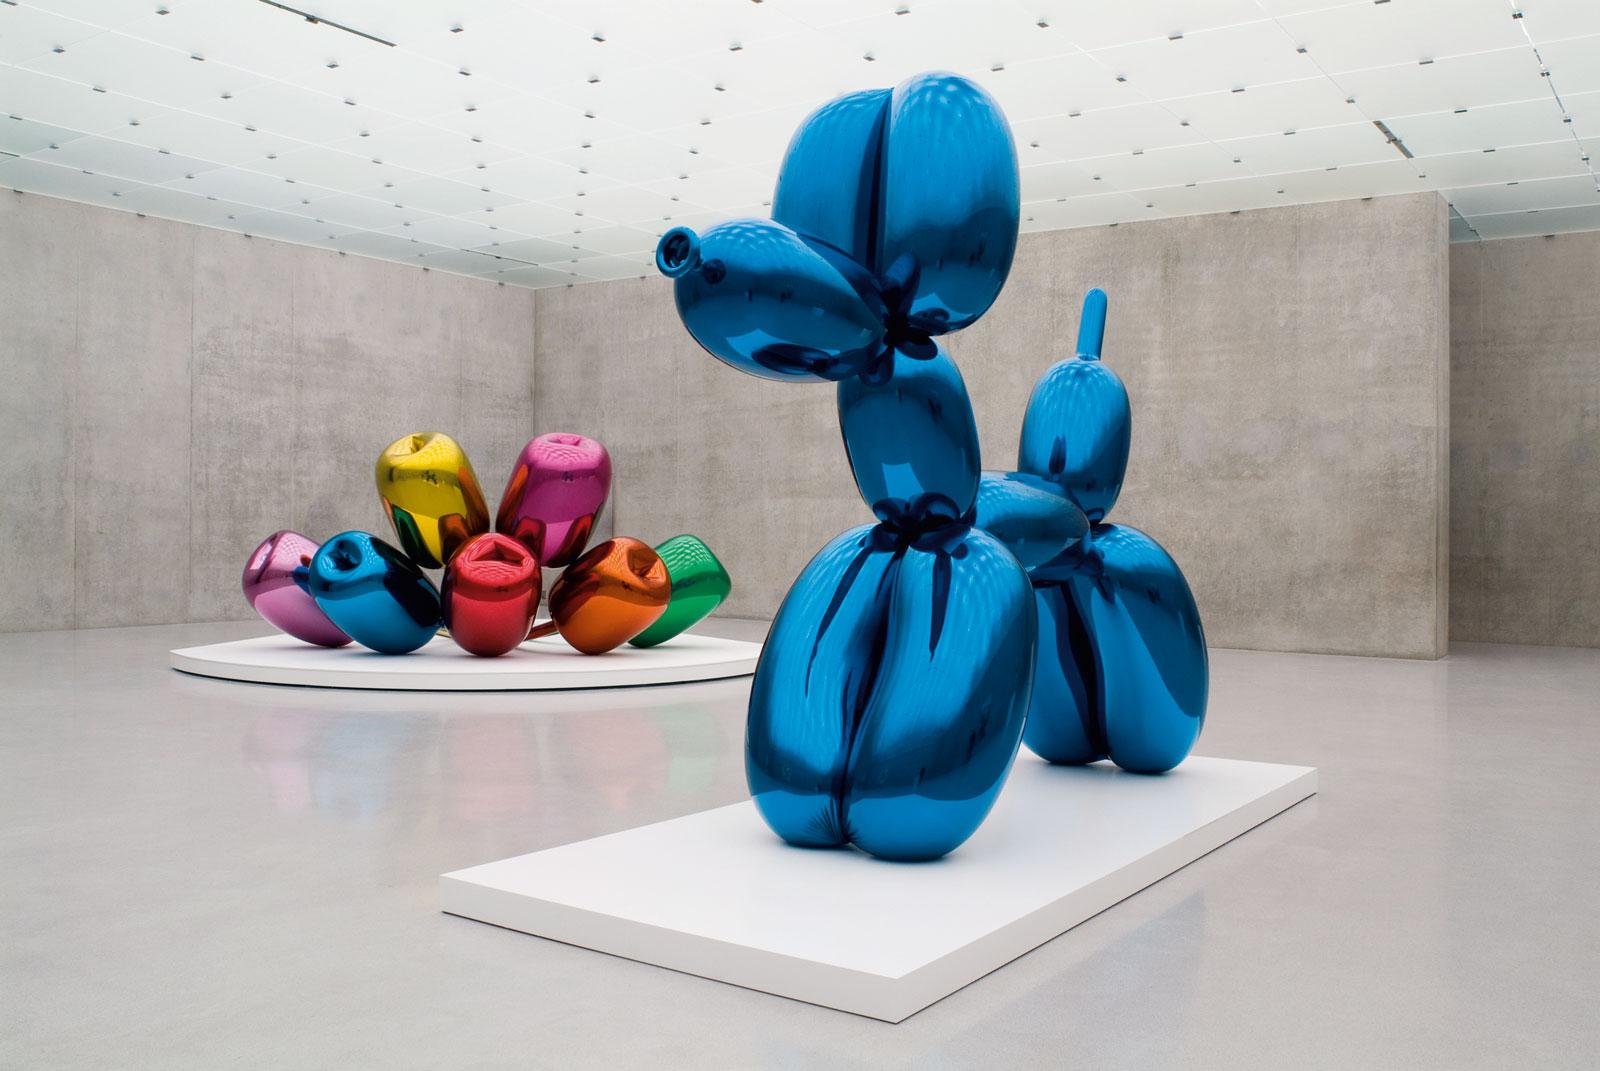 Resultado de imagen para Apariencia desnuda: el deseo y el objeto en la obra de Marcel Duchamp y Jeff Koons